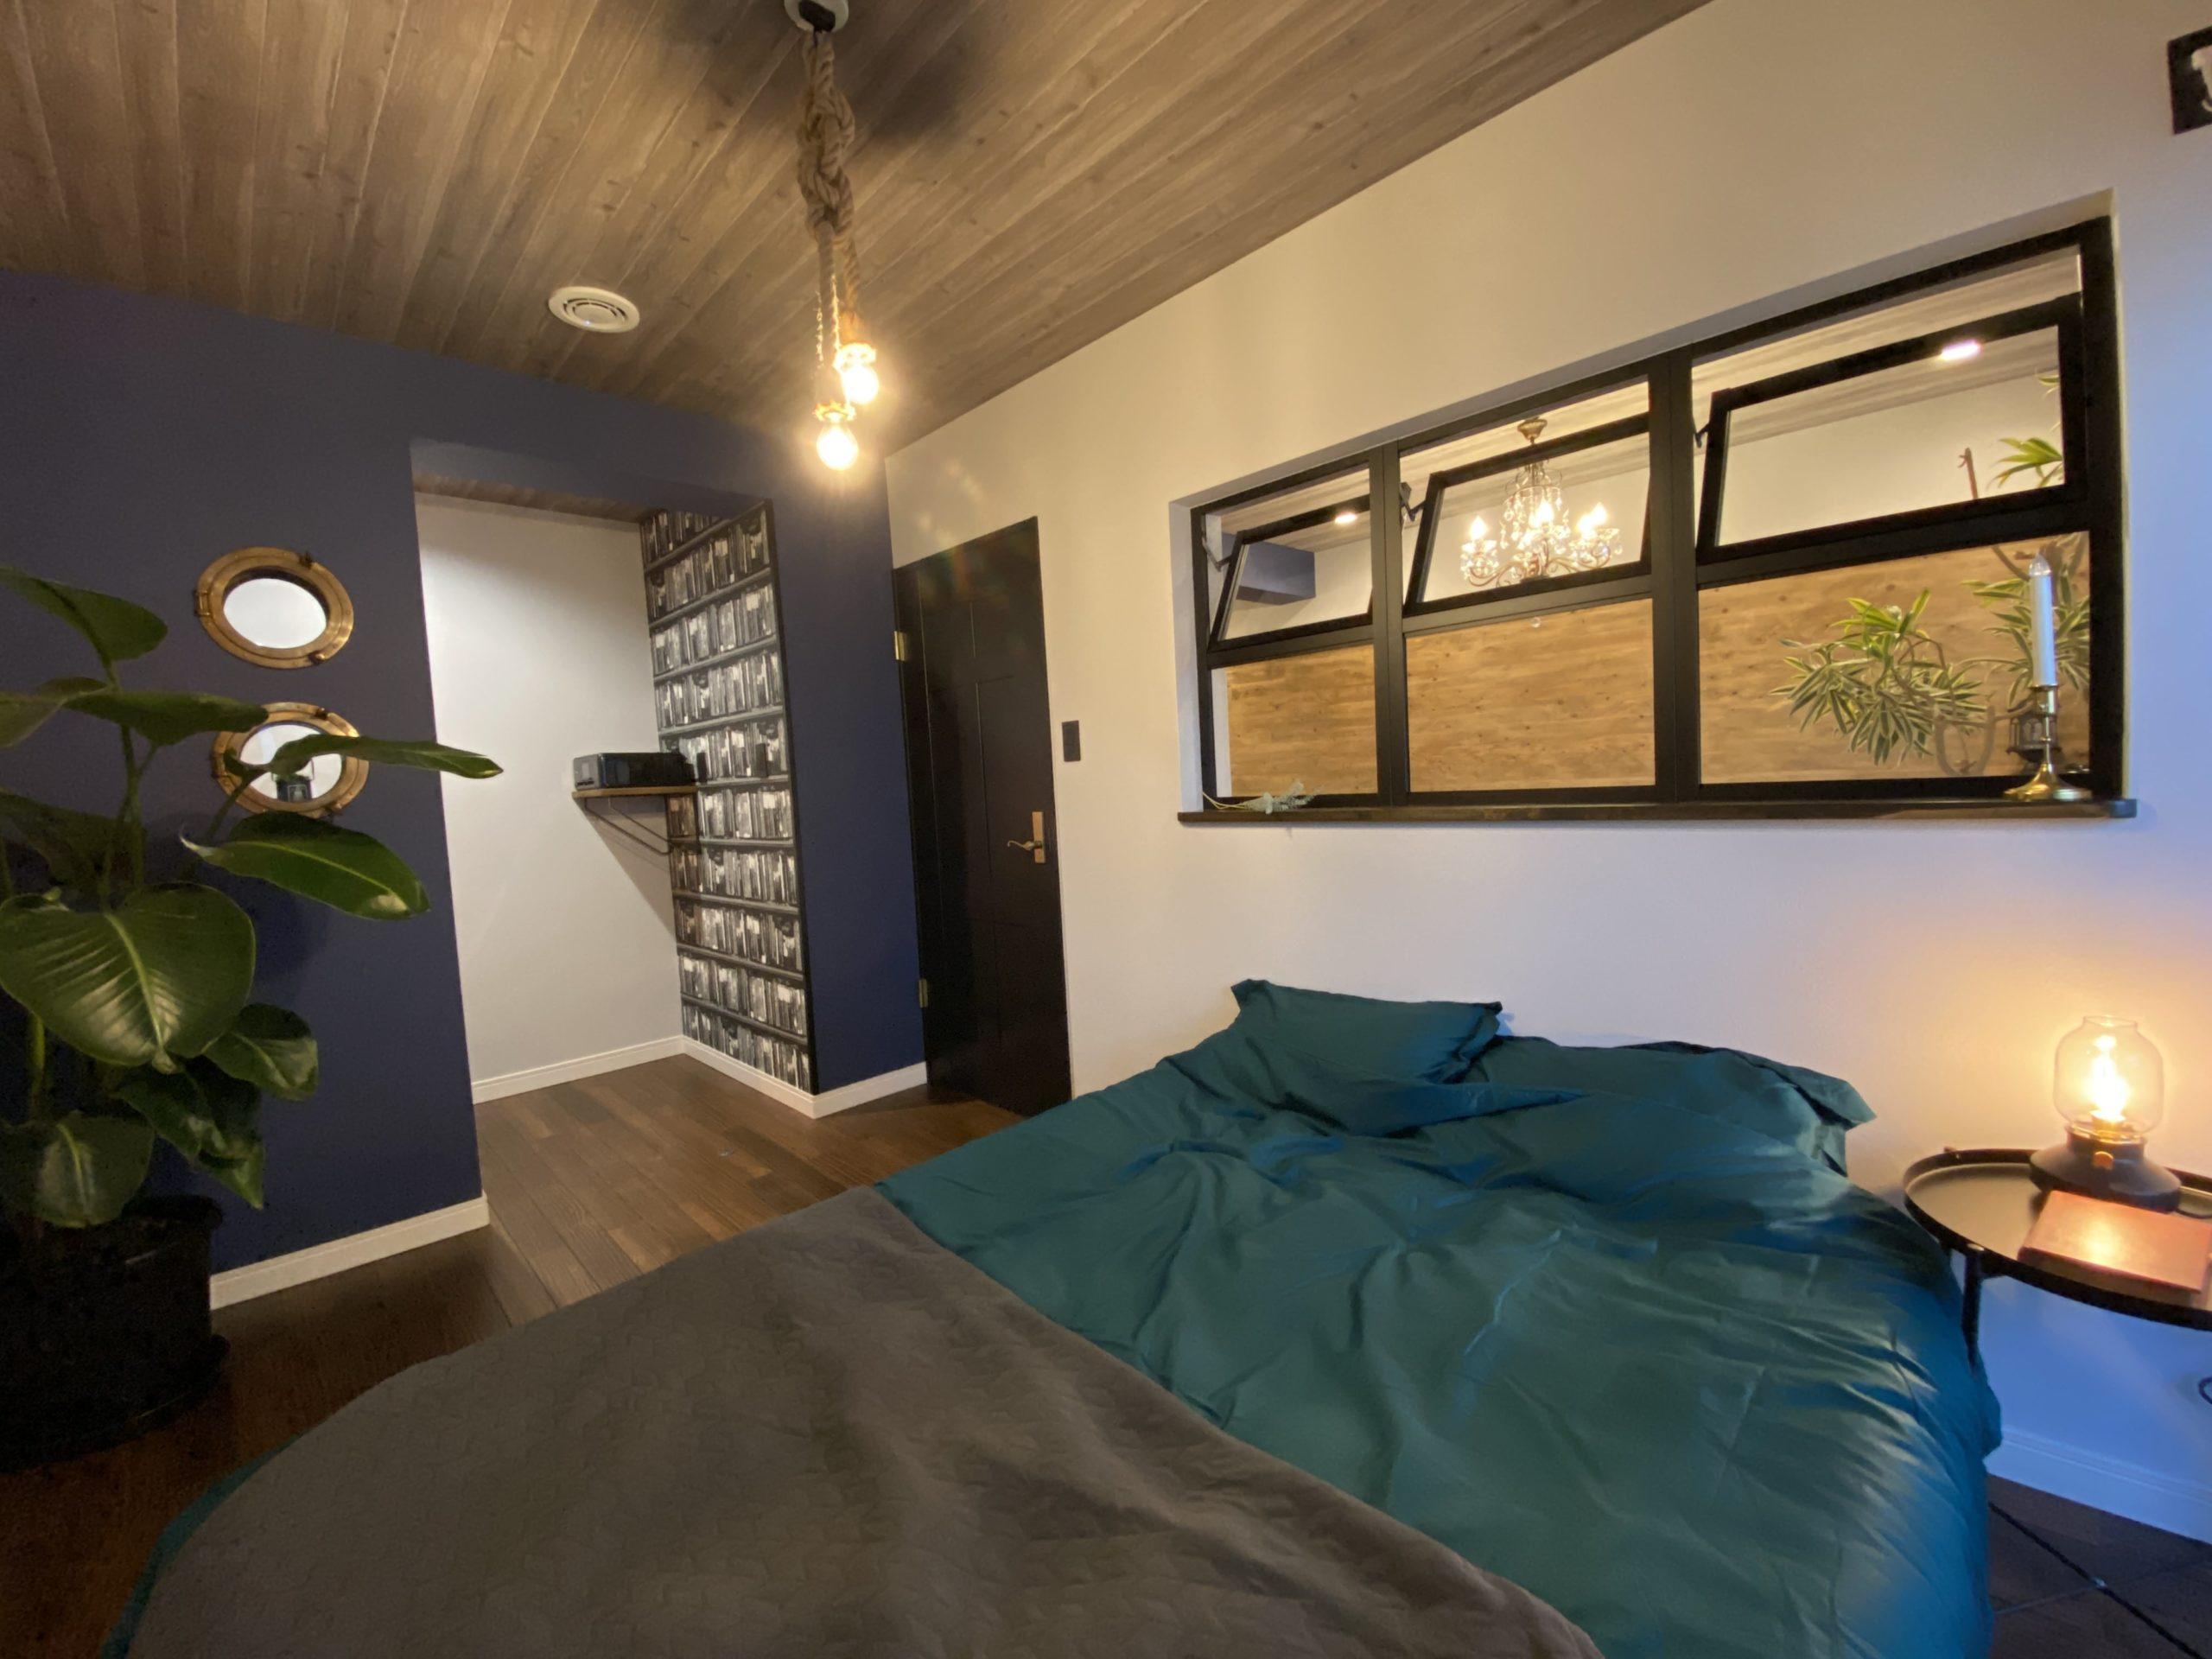 【明石市】海が見えるお部屋「ヴィンテージリゾート」明石アーバンライフ619号室。ステージング後の寝室(BEDROOM)